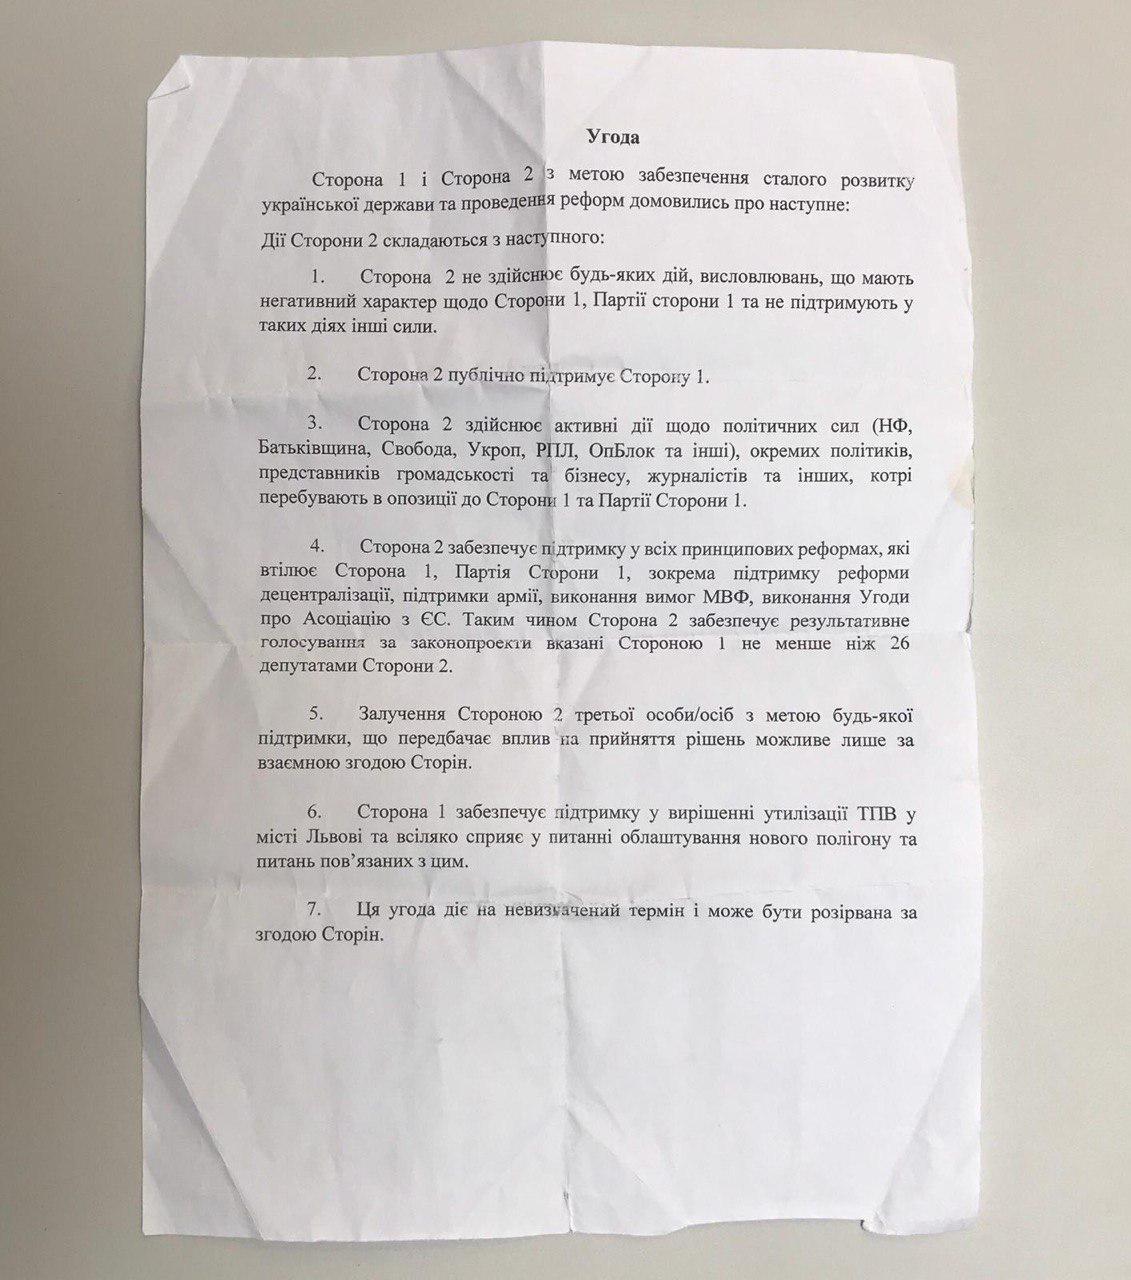 Угода Садовий